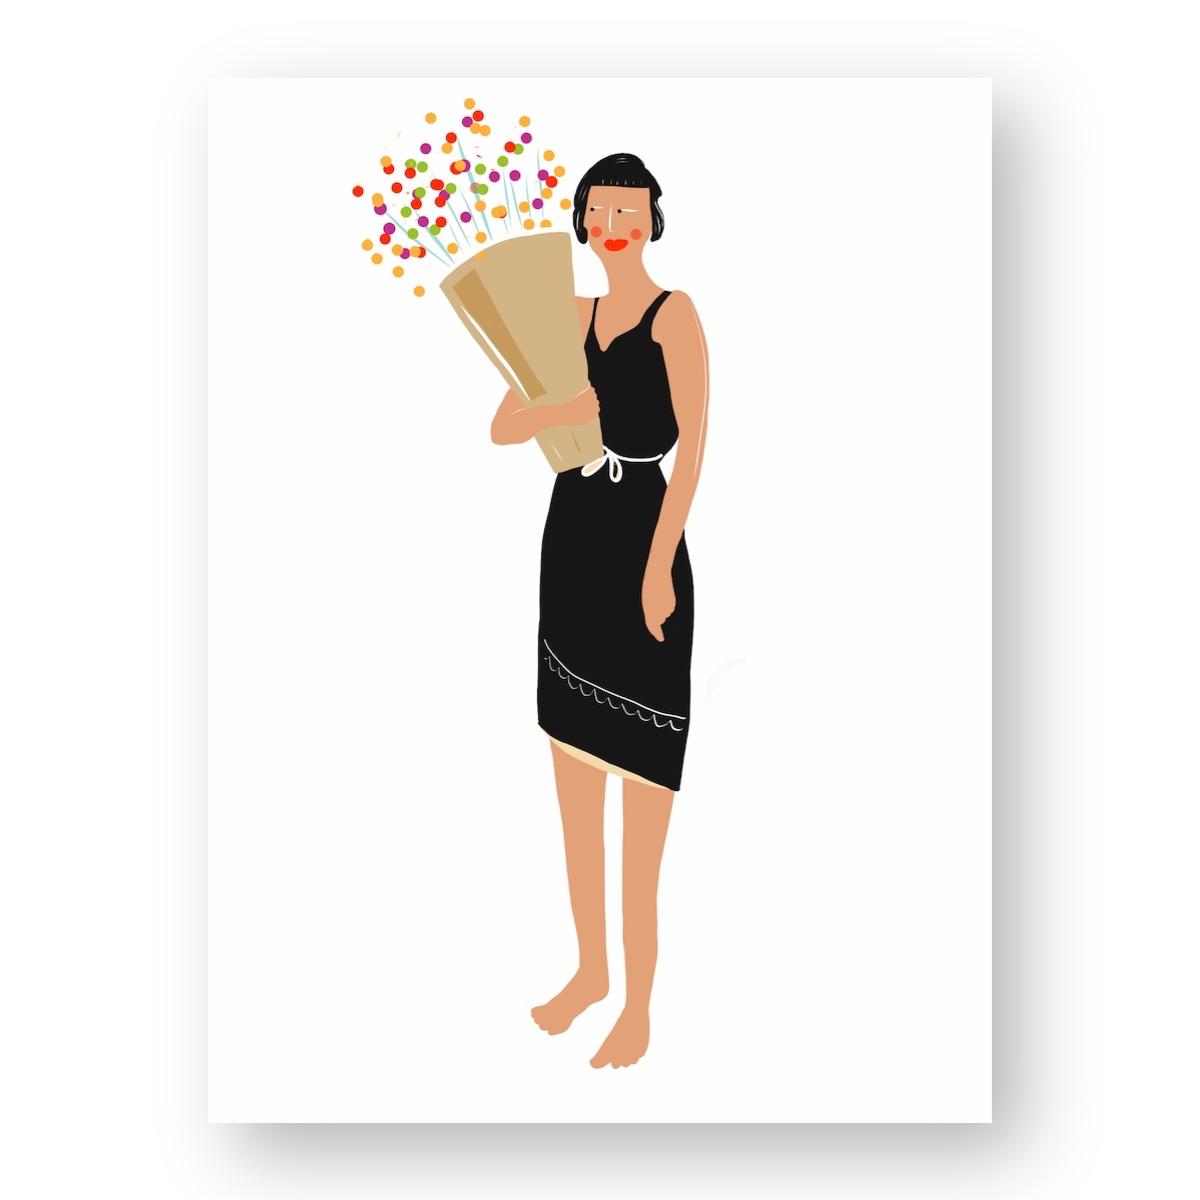 """אשה מחזיקה בזר פרחים #1 - מתוך """"החיים יפים"""", הסדרה האופטימית"""